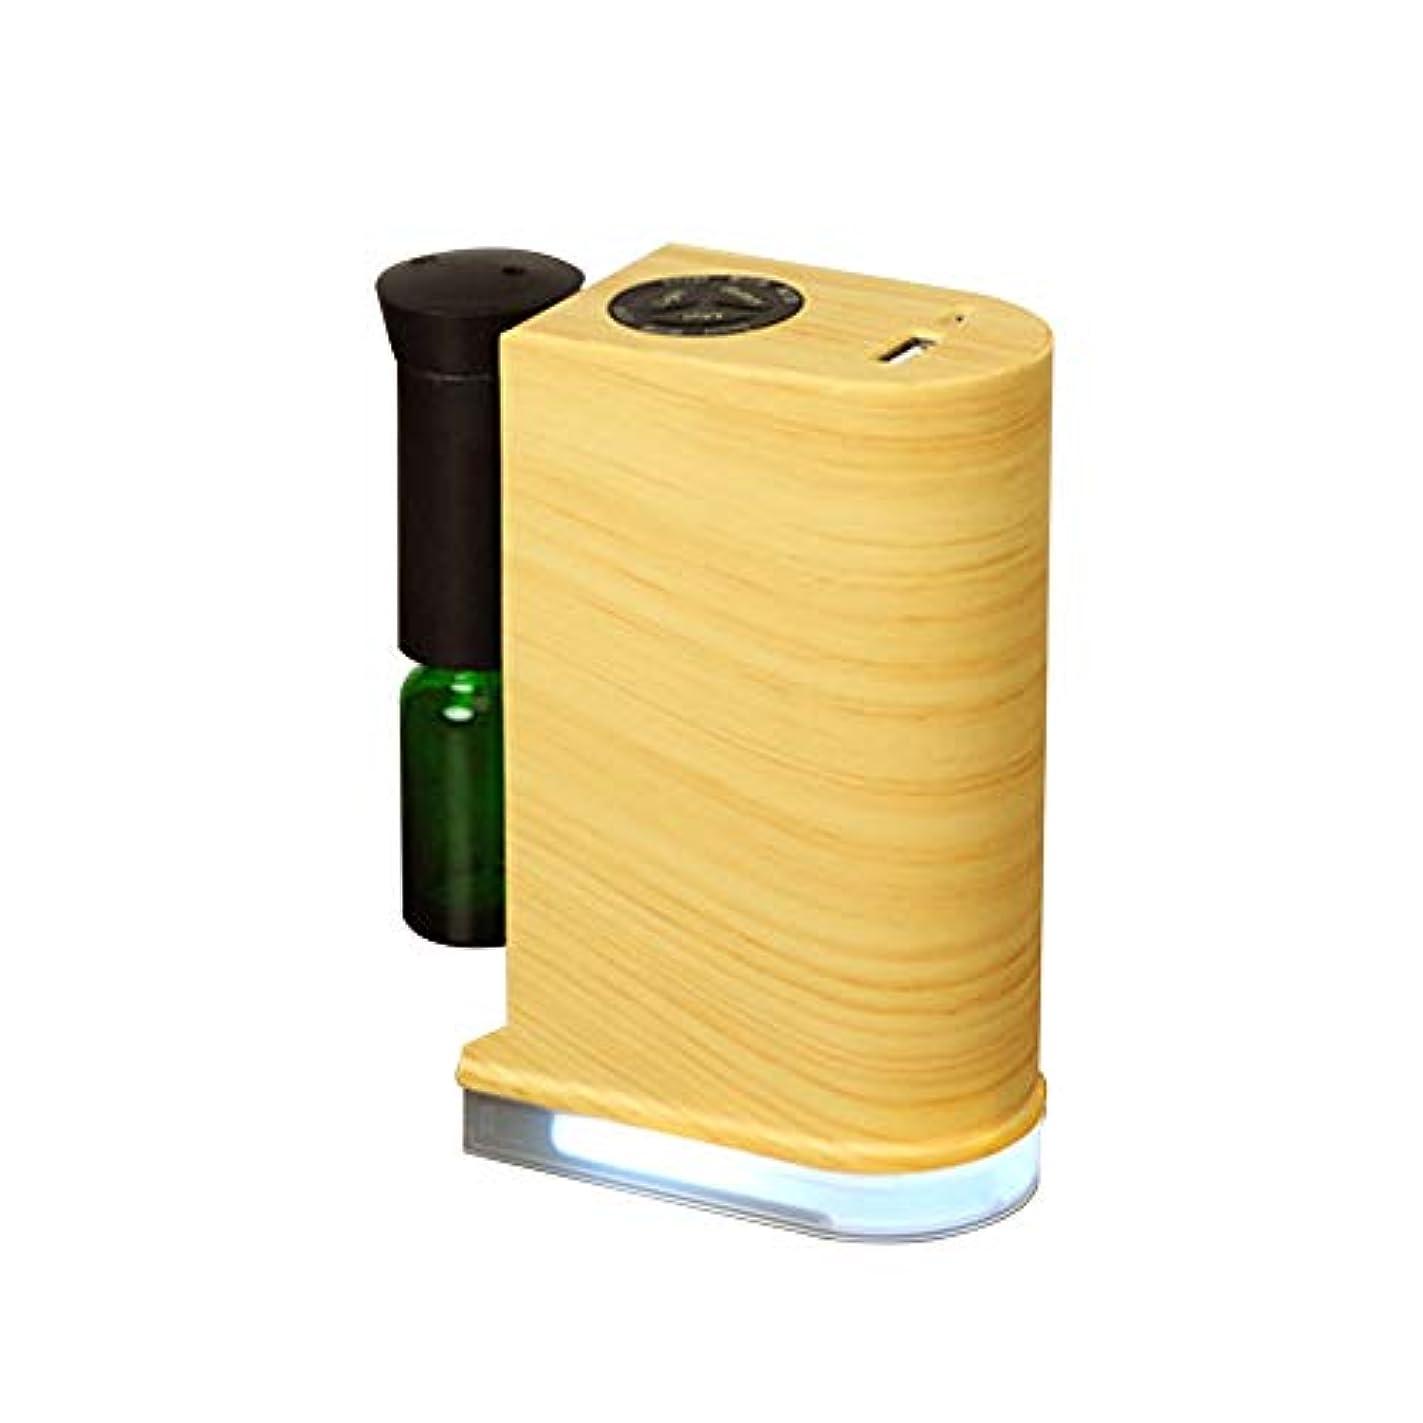 教育学側ボックスネブライザー式アロマディフューザー 水を使わない アロマオイル対応 LEDライト付き スマホ充電可能 USBポート付き 木目調 (ナチュラル)